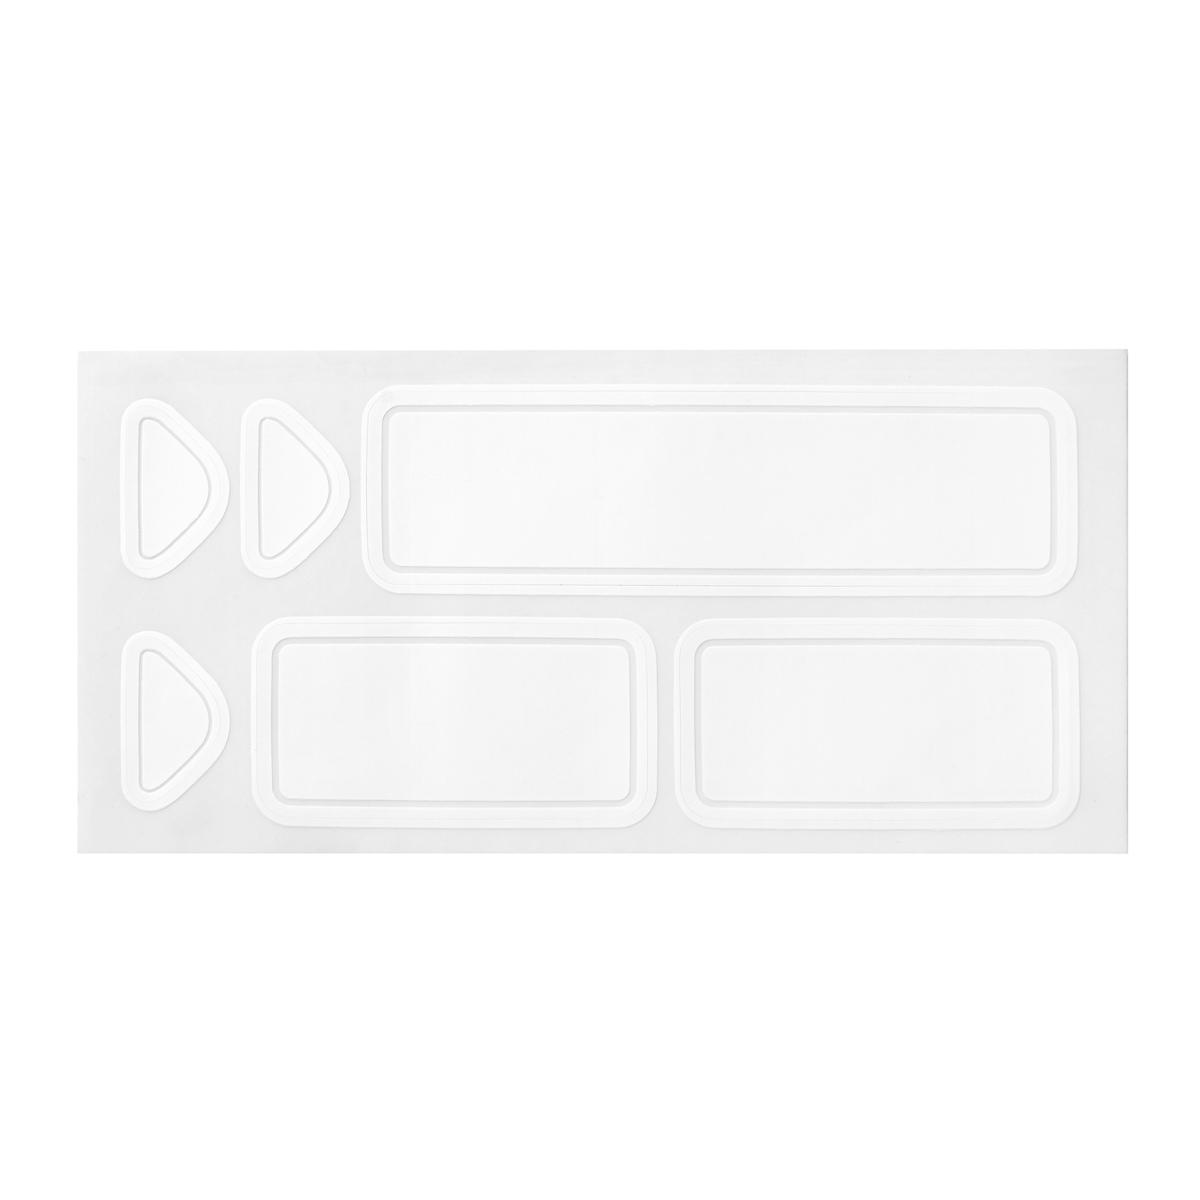 Онлайн каталог PROMENU: Наклейки-этикетки для подписи контейнеров OXO FOOD STORAGE, белый                               11235300